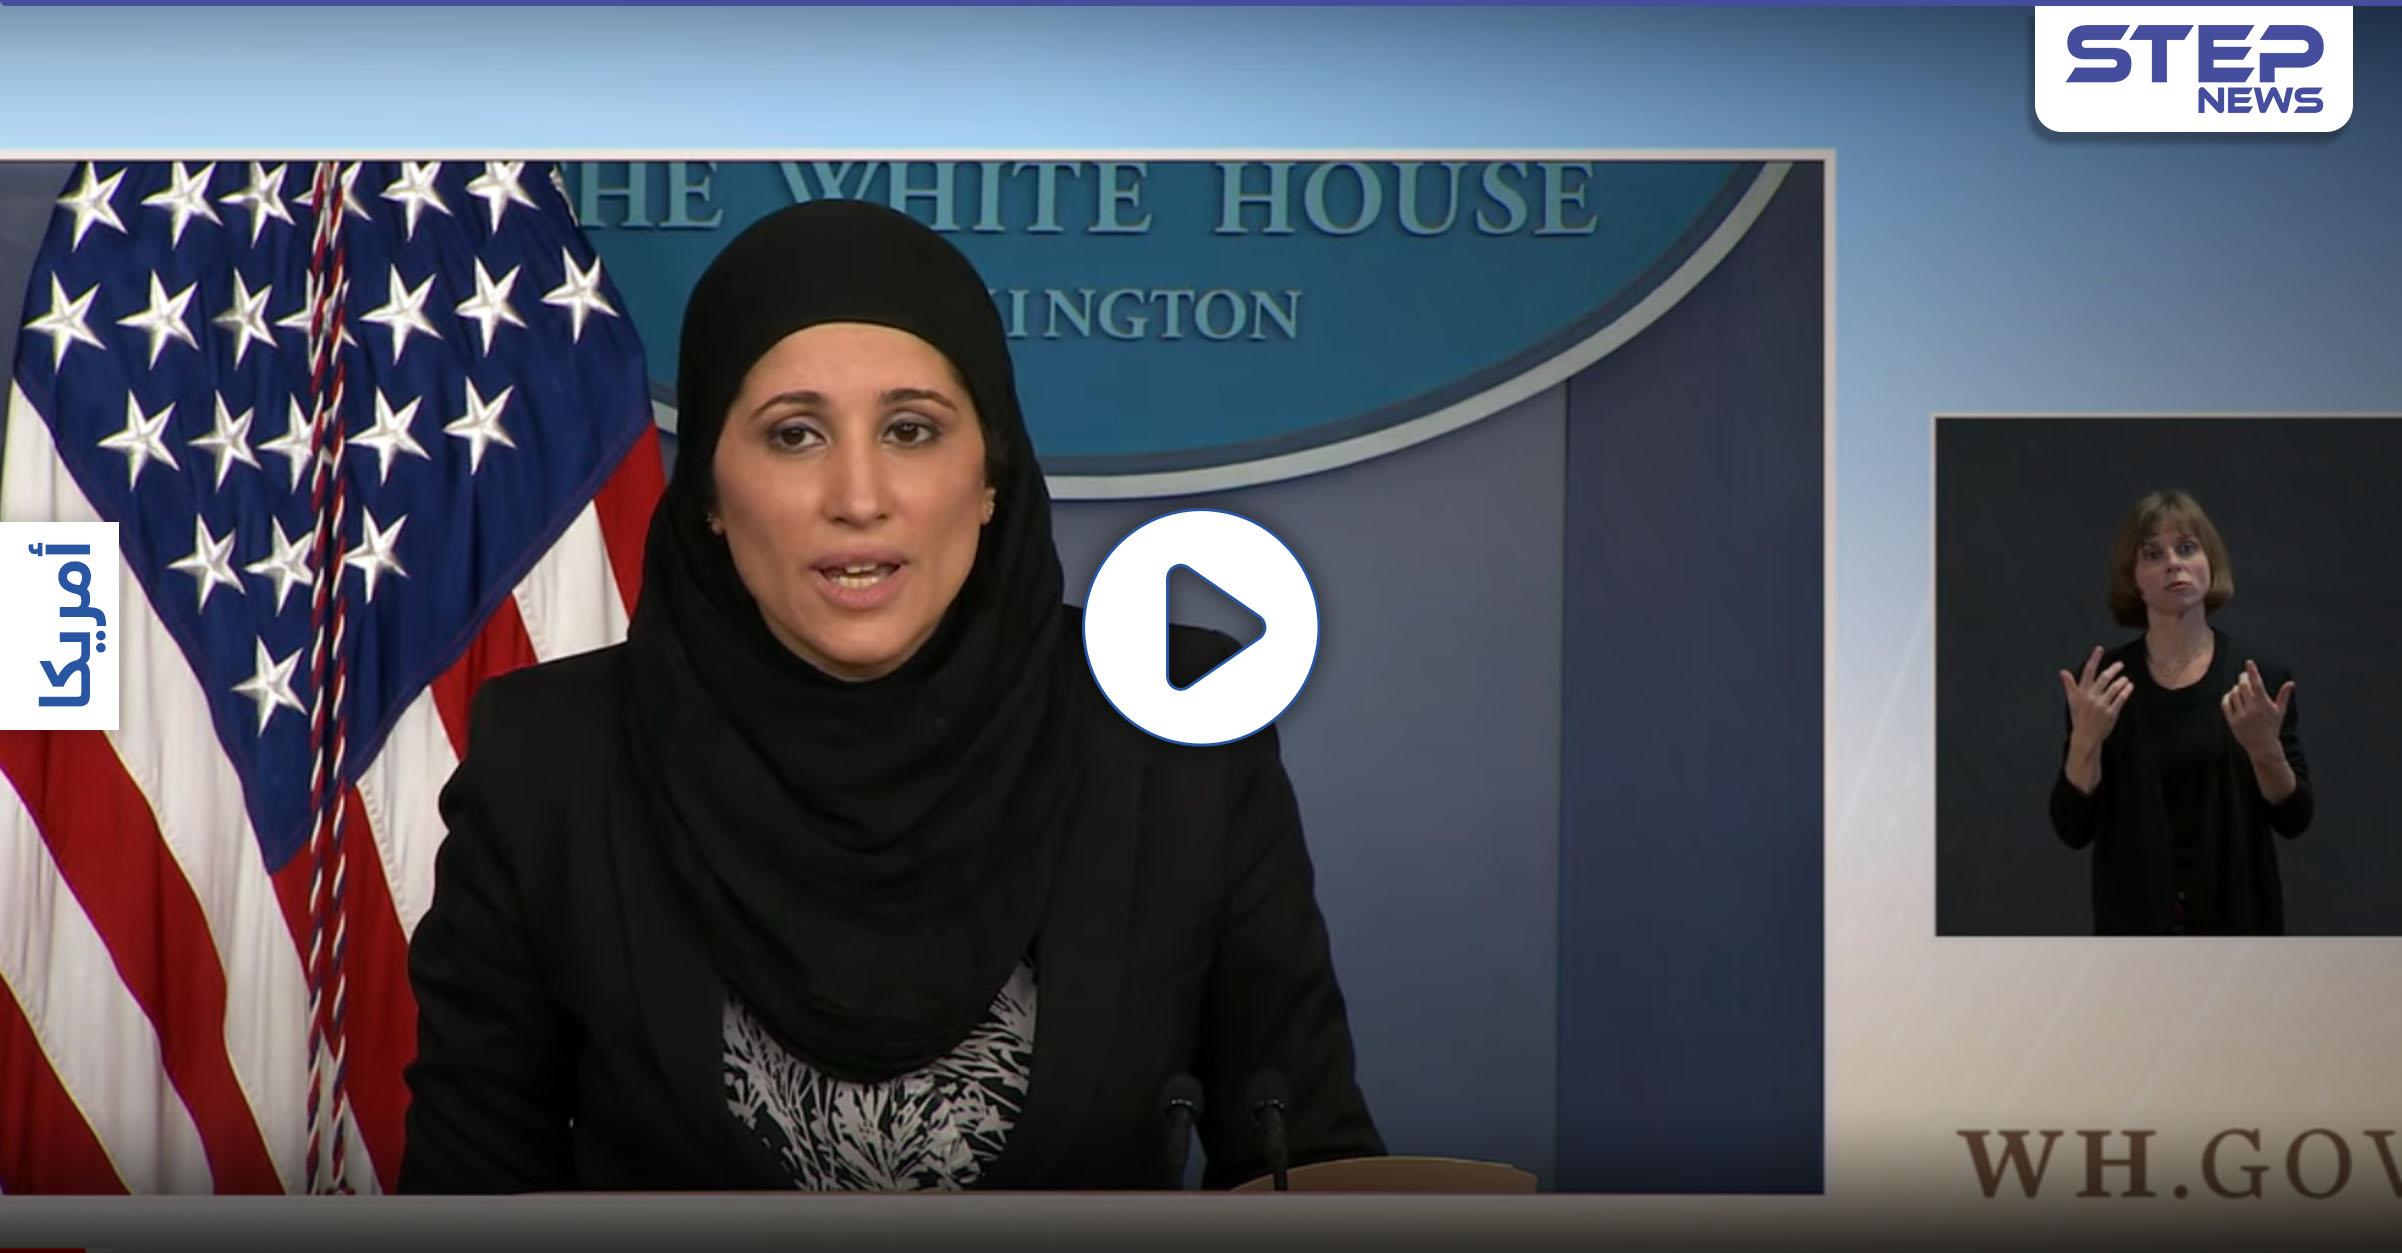 مسلمة محجبة تعتلي منصة البيت الأبيض